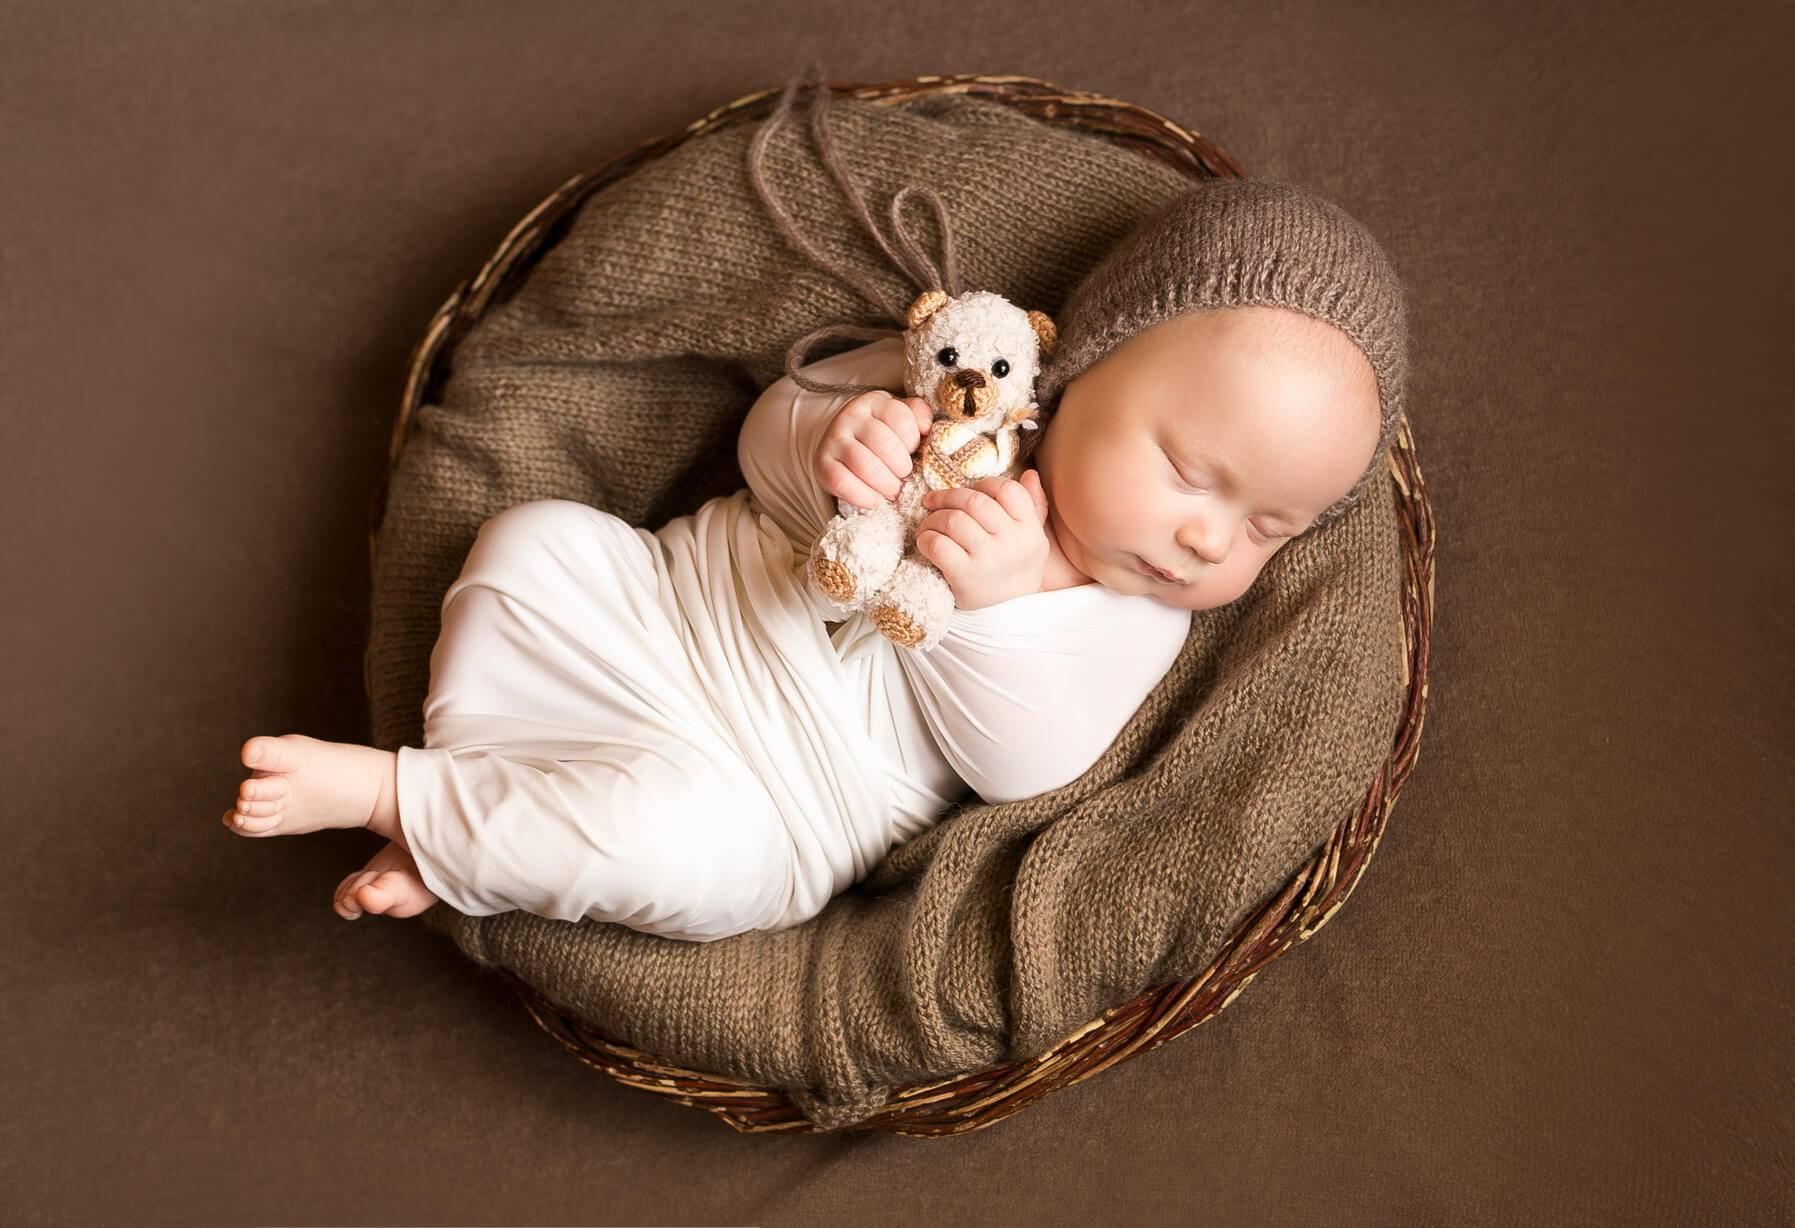 Сколько должен спать ребенок в 11 месяцев в сутки